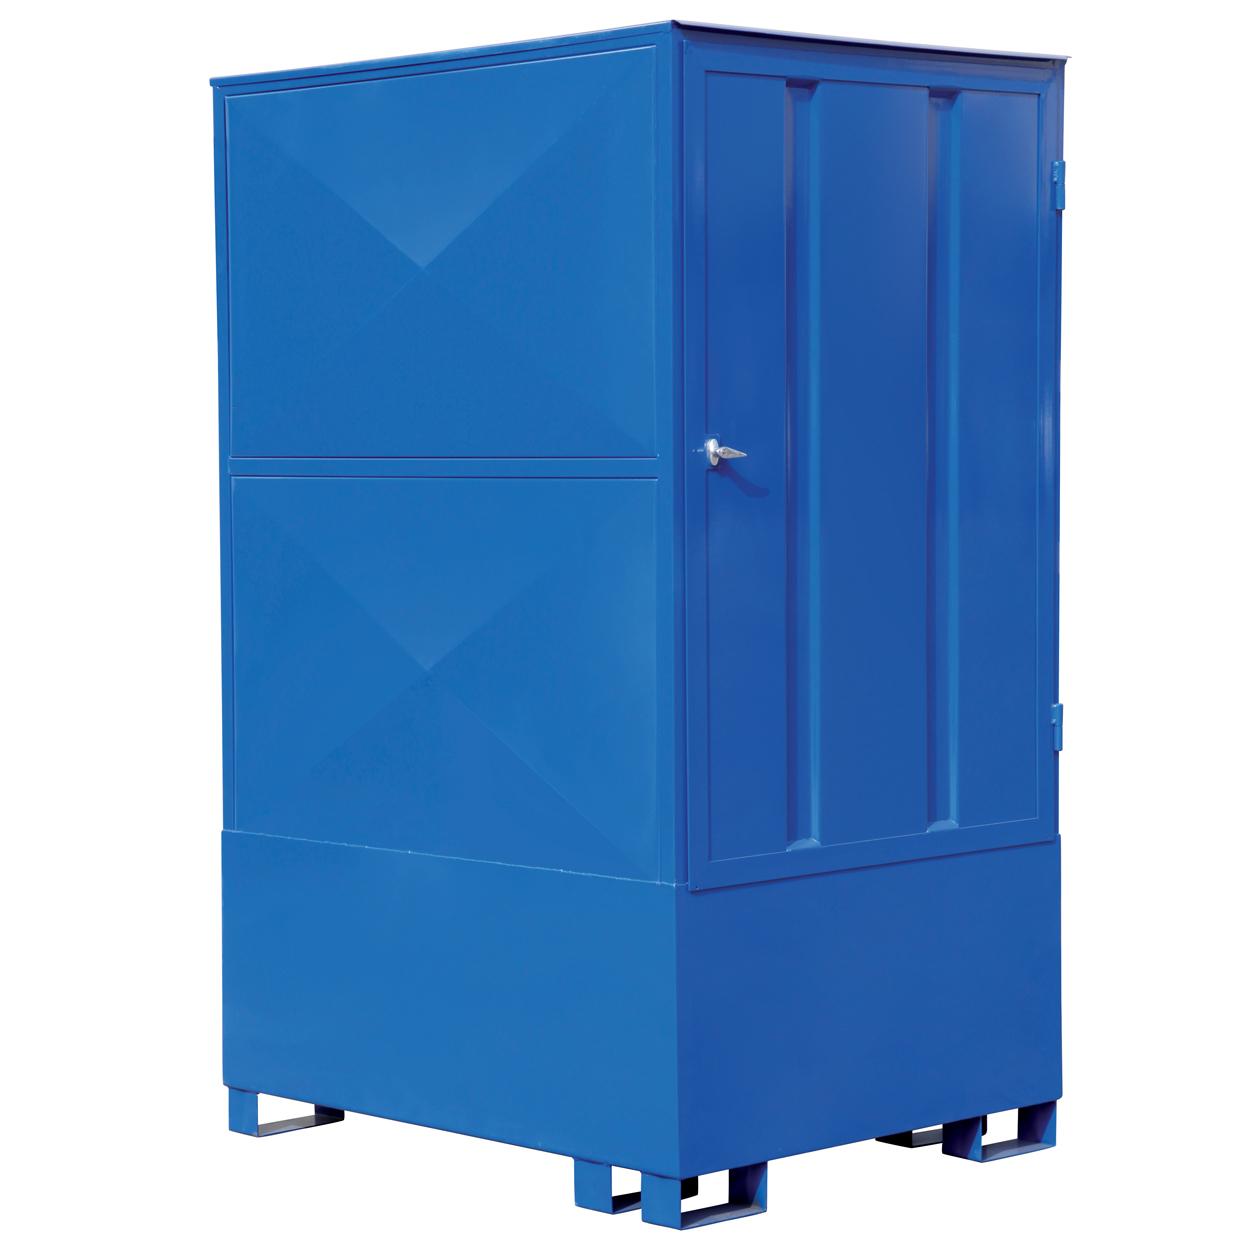 Záchytná krytá vana pro IBC kontejner